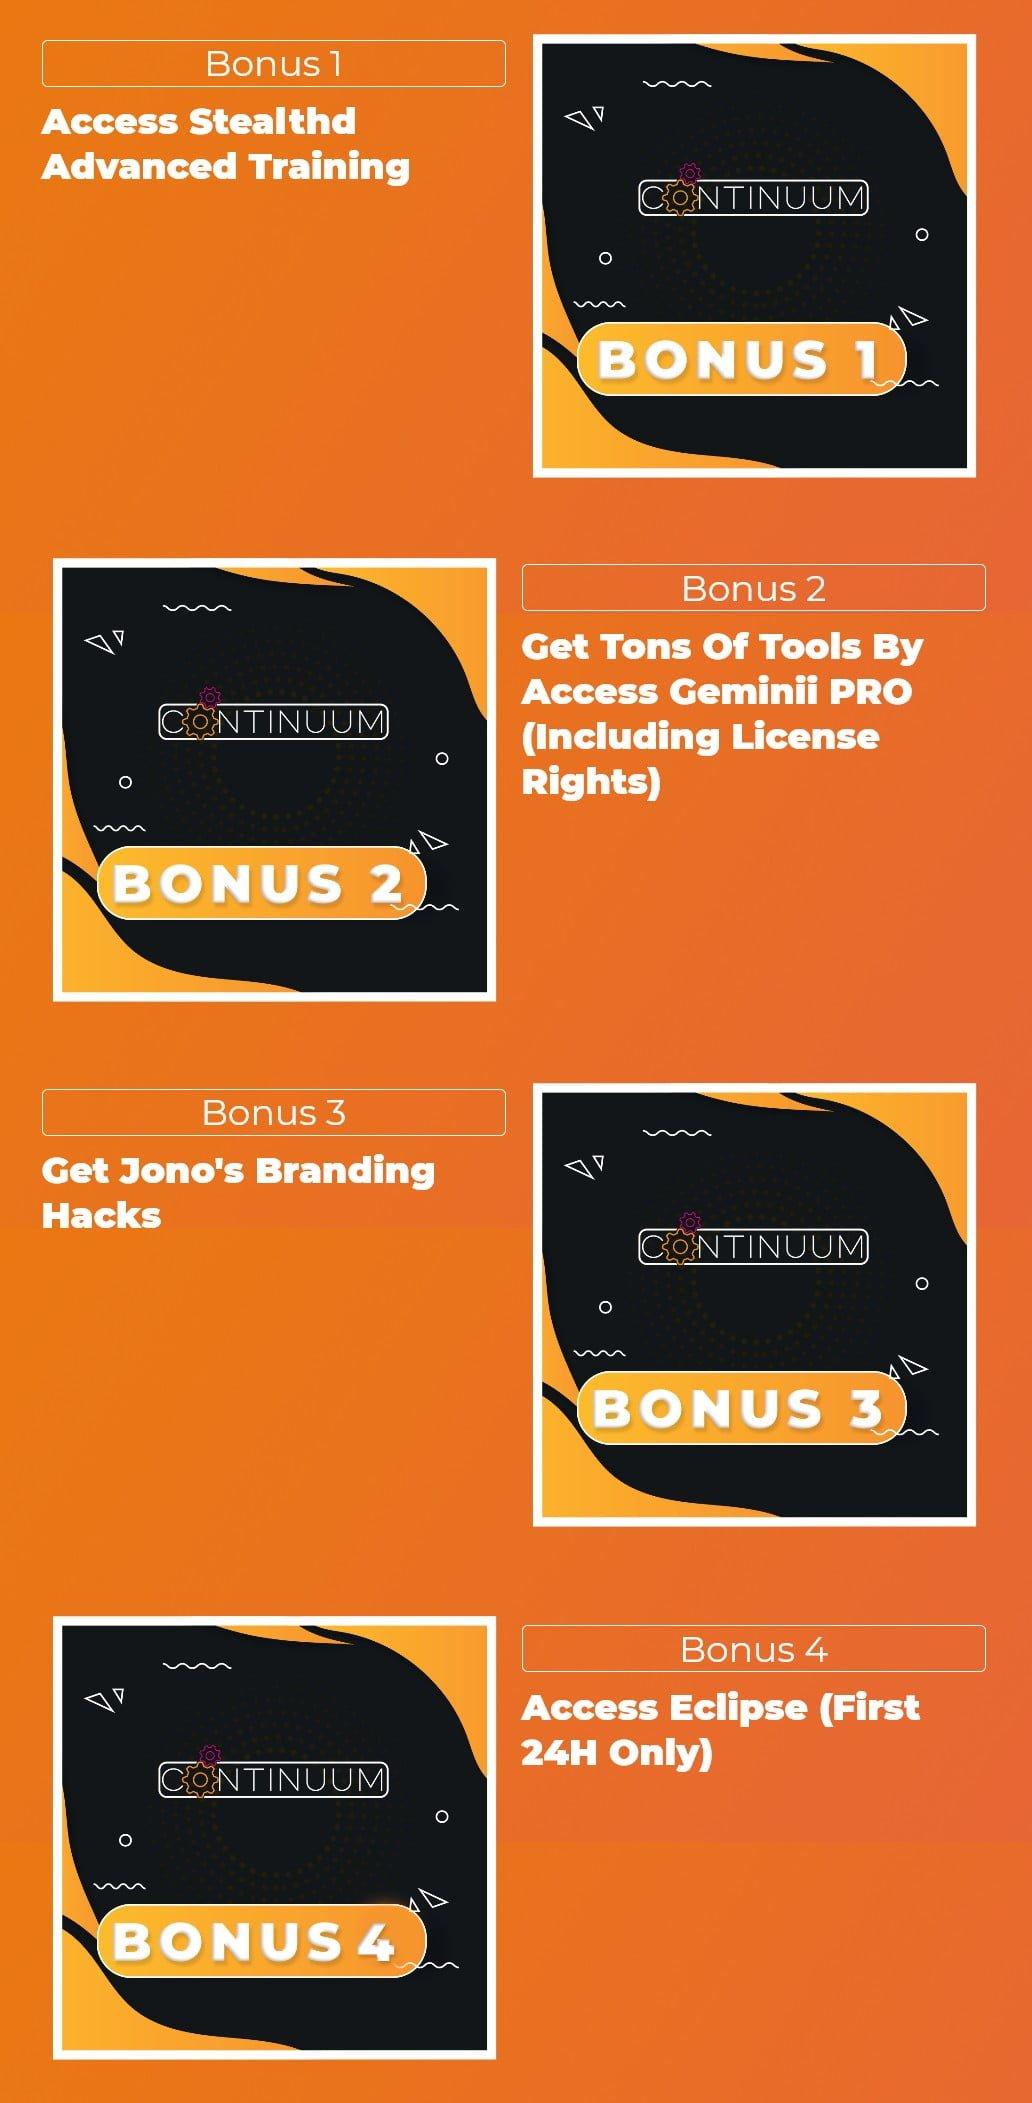 Continuum-bonus